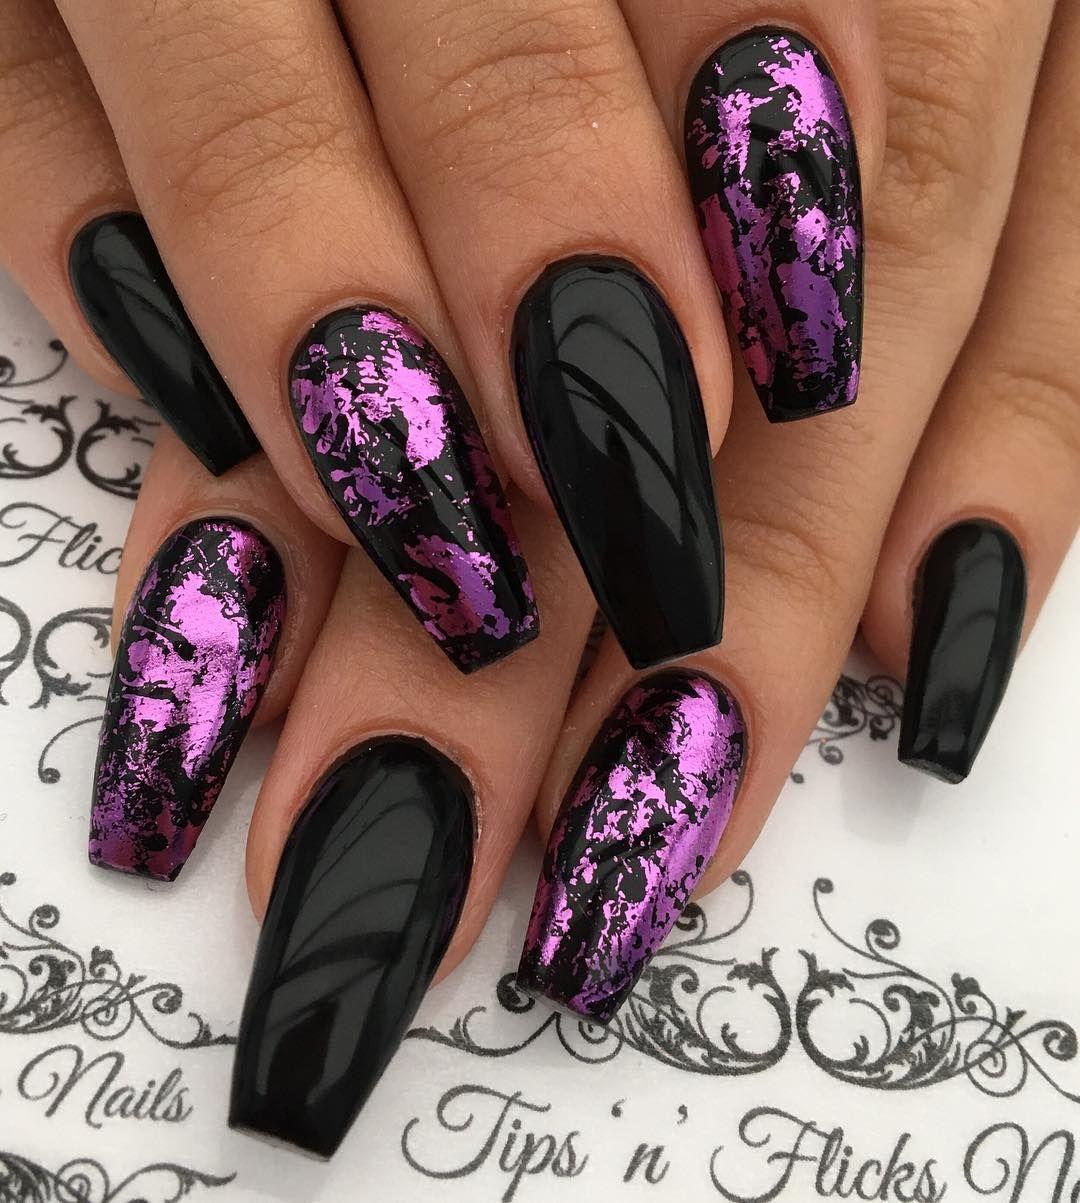 """Tips N Flicks Nails on Instagram: """"#acrylicnails #glitternails #nailporn  #nailsofinstagram #nailtech #nailgasm #nailpromote #nailart #nails #nude  #nudenails ... - Pin By ✨Blessed187✨ On Nails✨✨ Pinterest Instagram, Nail"""